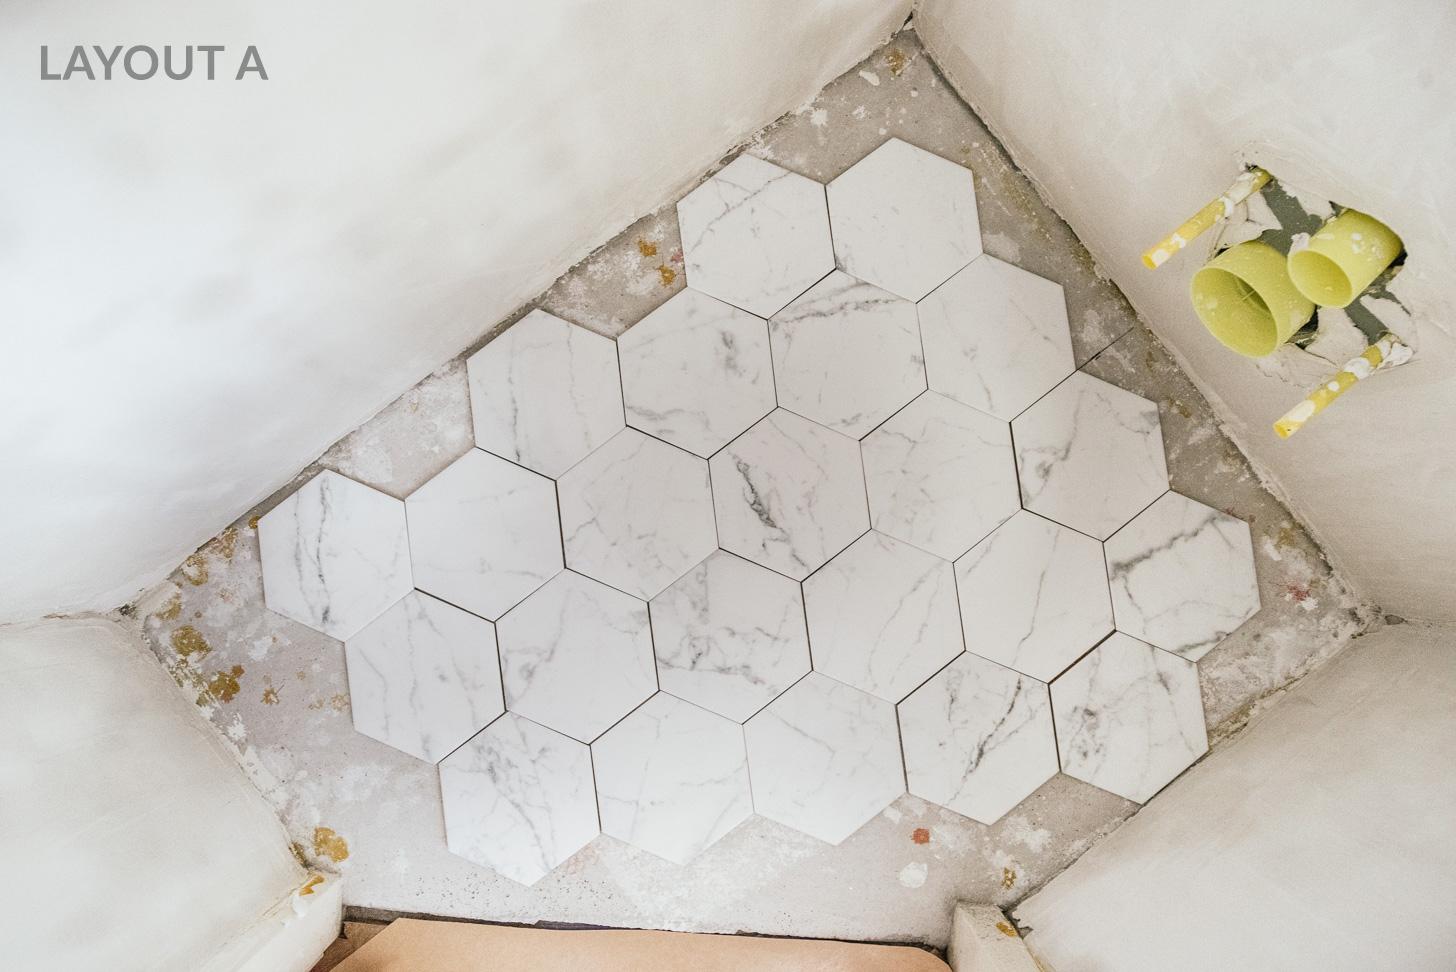 Hexagon Tegels Wit : Hoe leg je hexagon tegels honingraat vloer a cup of life